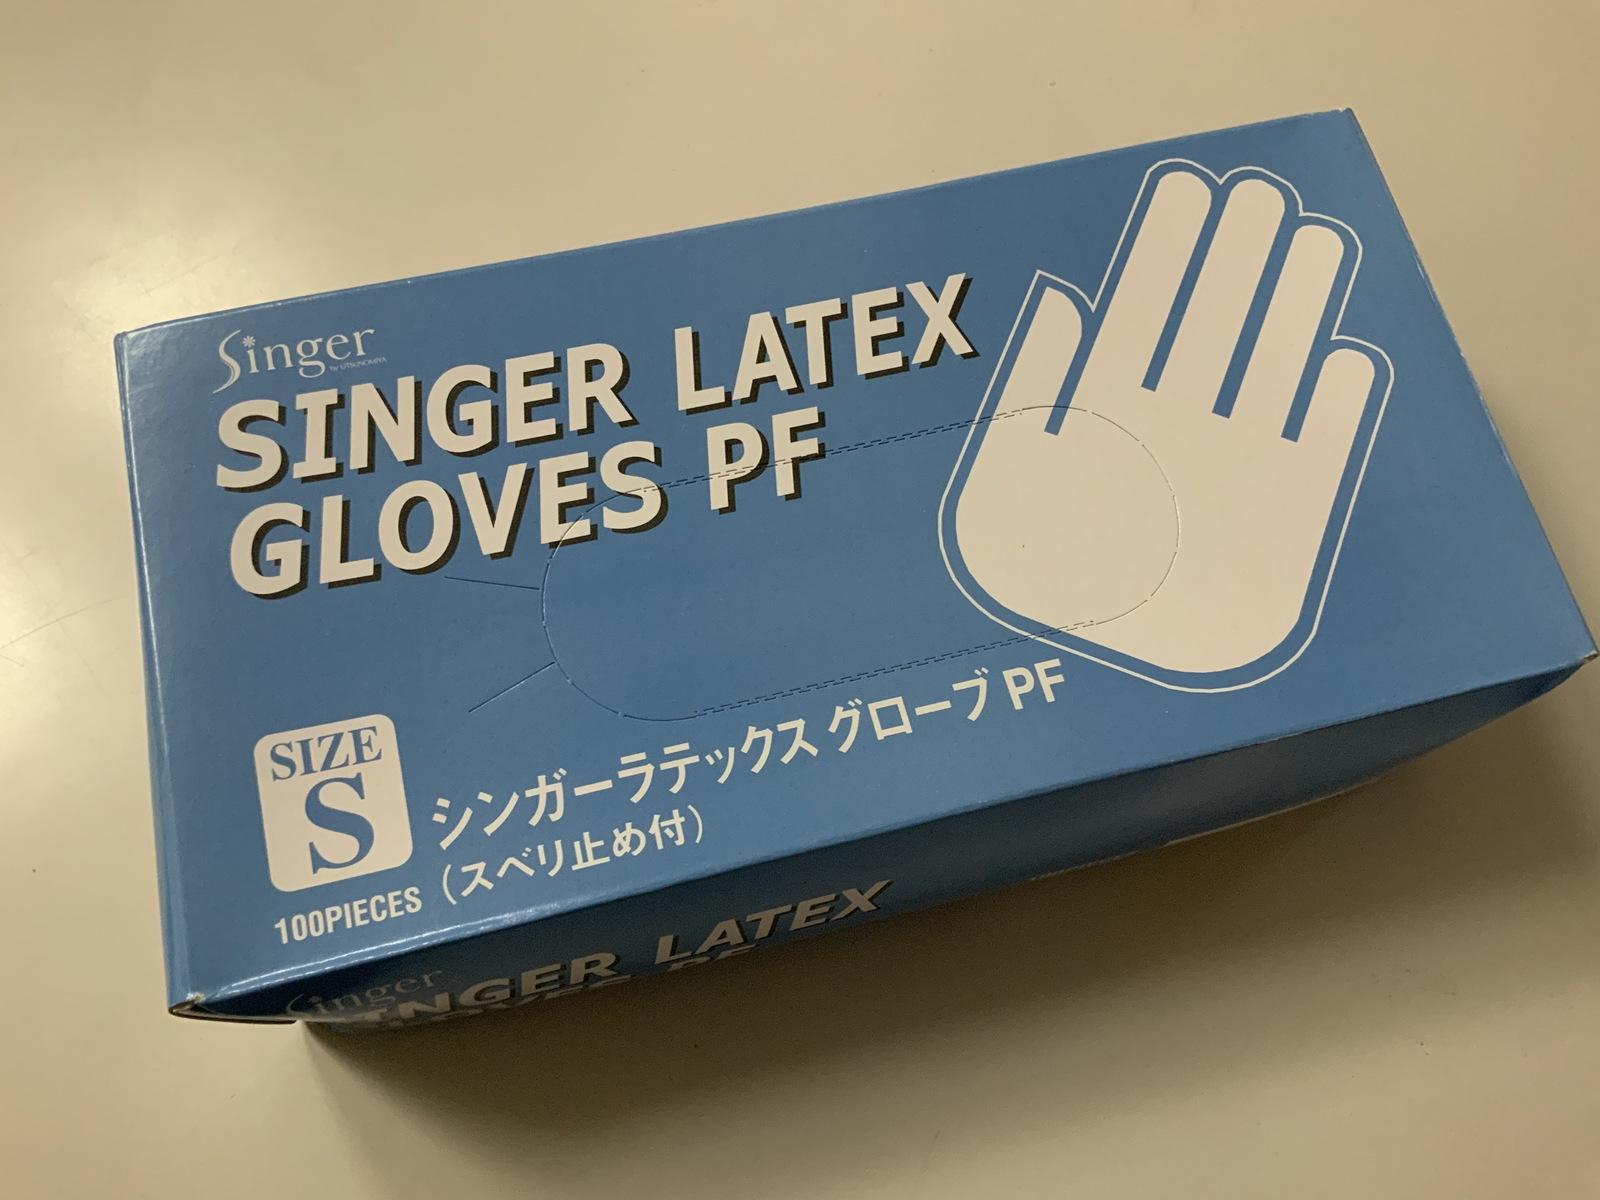 メーカー在庫限り品 食品衛生法 適合 ラテックス ゴム手袋 パウダーフリー シンガー ラテックスグローブ 引き出物 S 100枚 PF 天然ゴム 使い捨て 粉なし